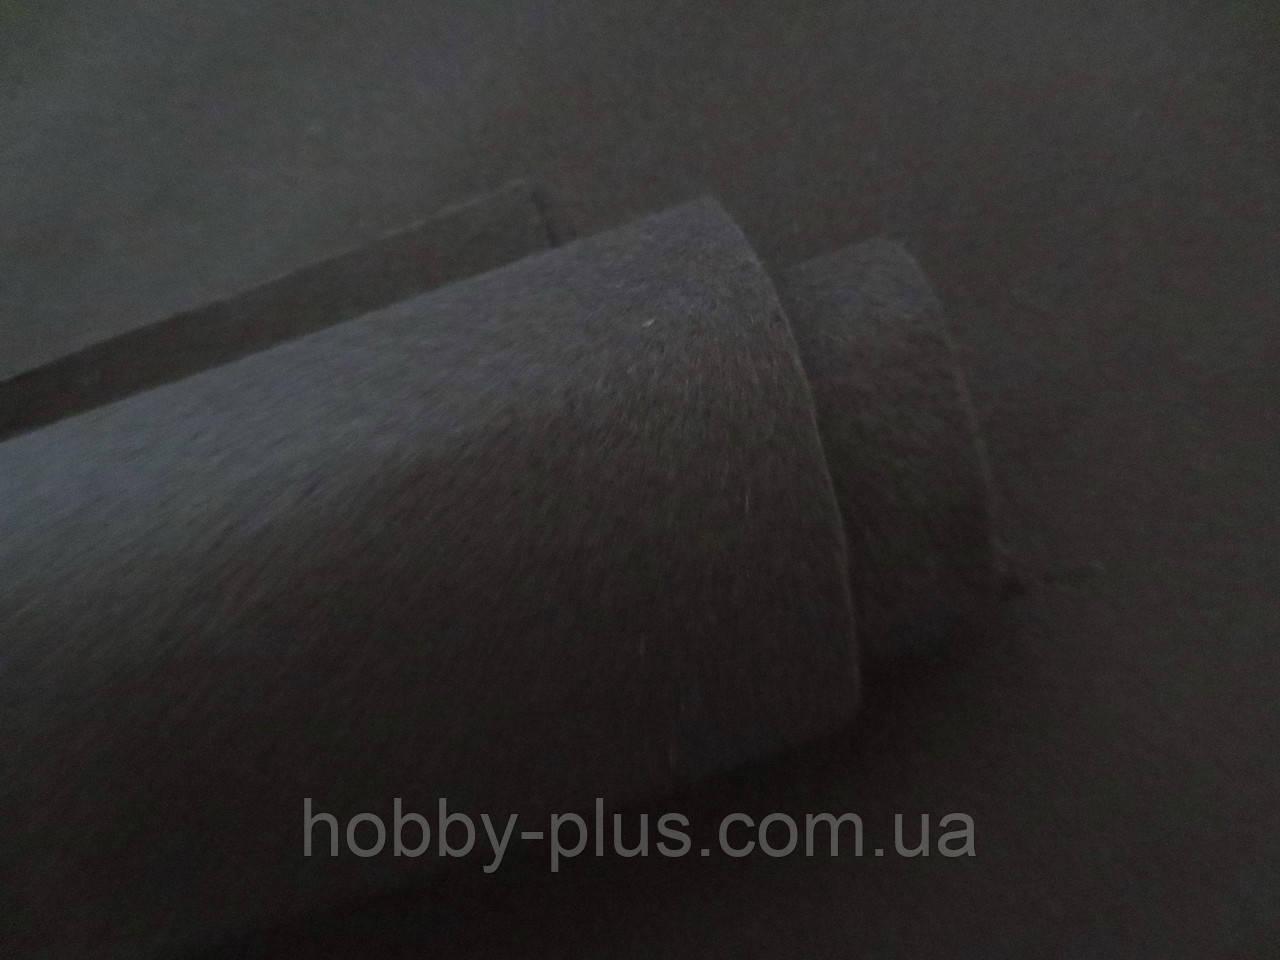 Фетр корейский мягкий, 1.2 мм, 20x30 см, ЧЕРНЫЙ